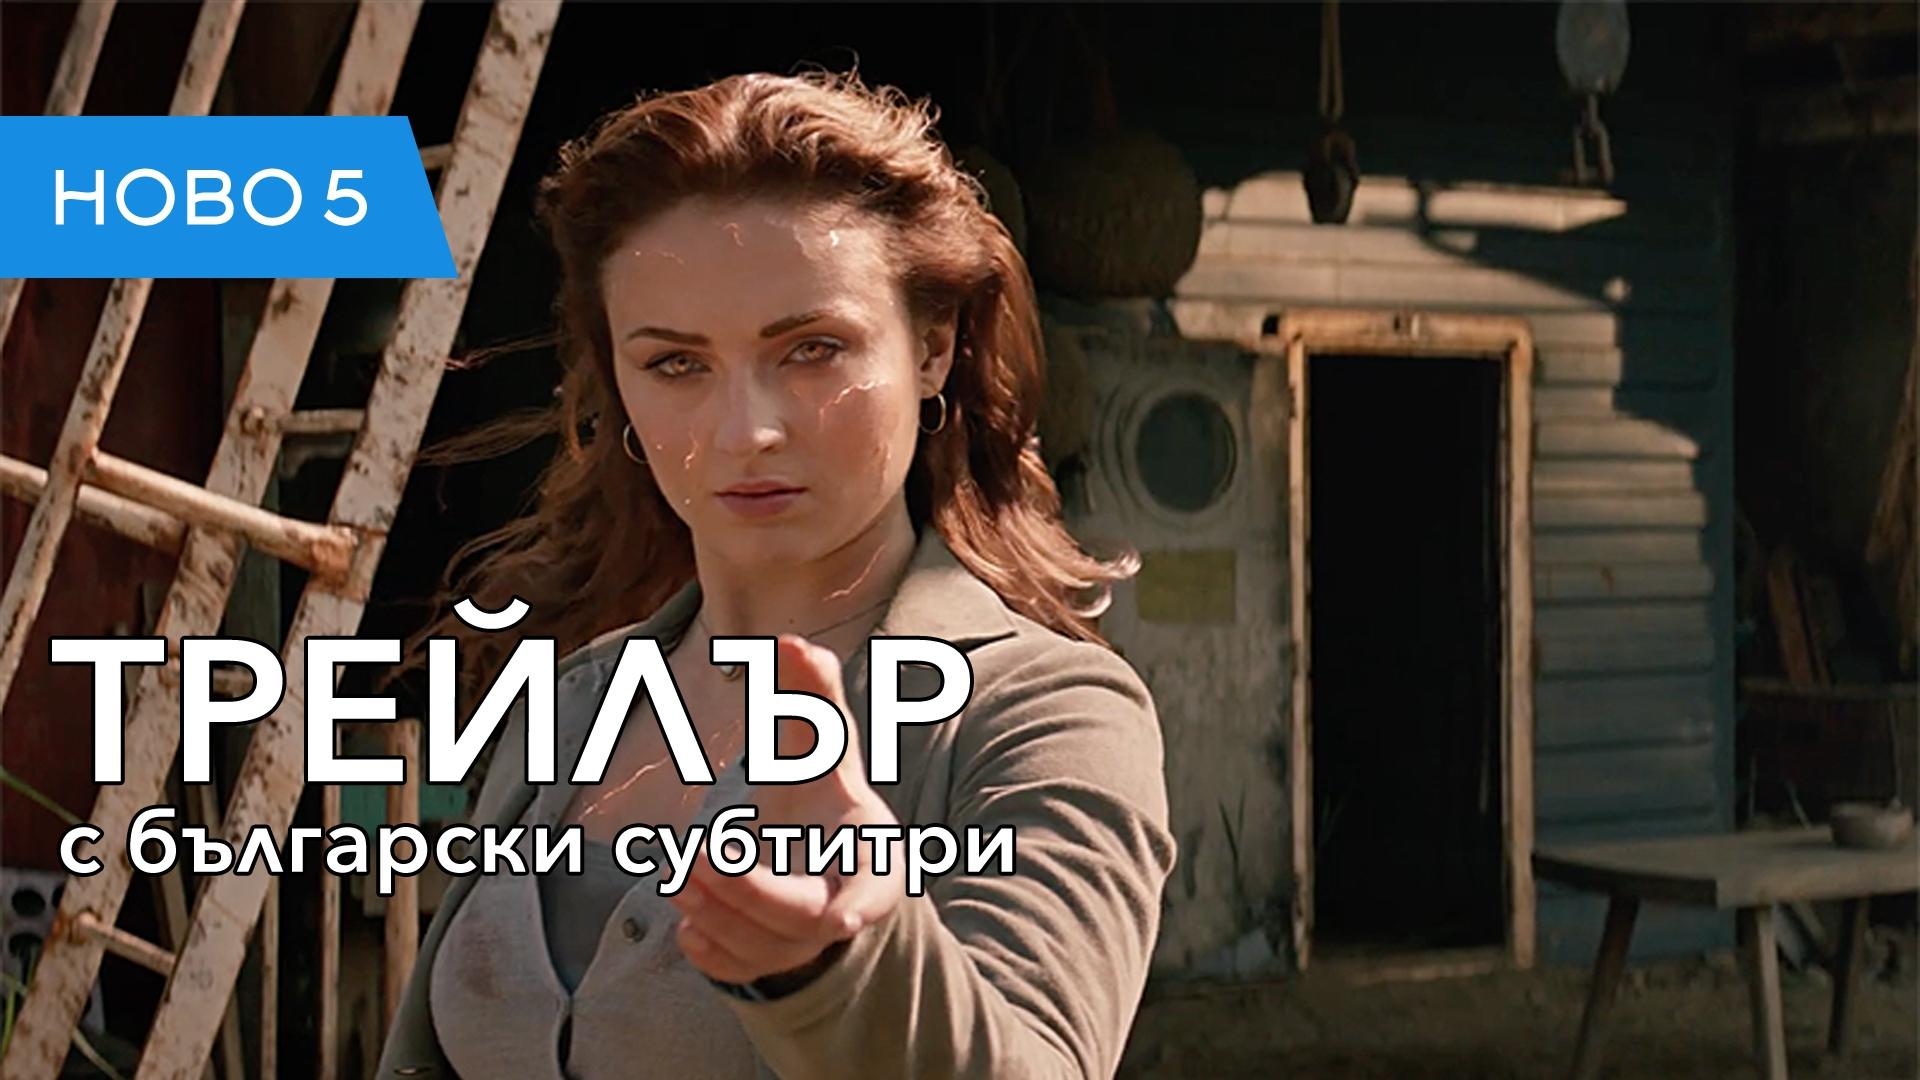 Х-Мен: Тъмния феникс (2019) трейлър с български субтитри